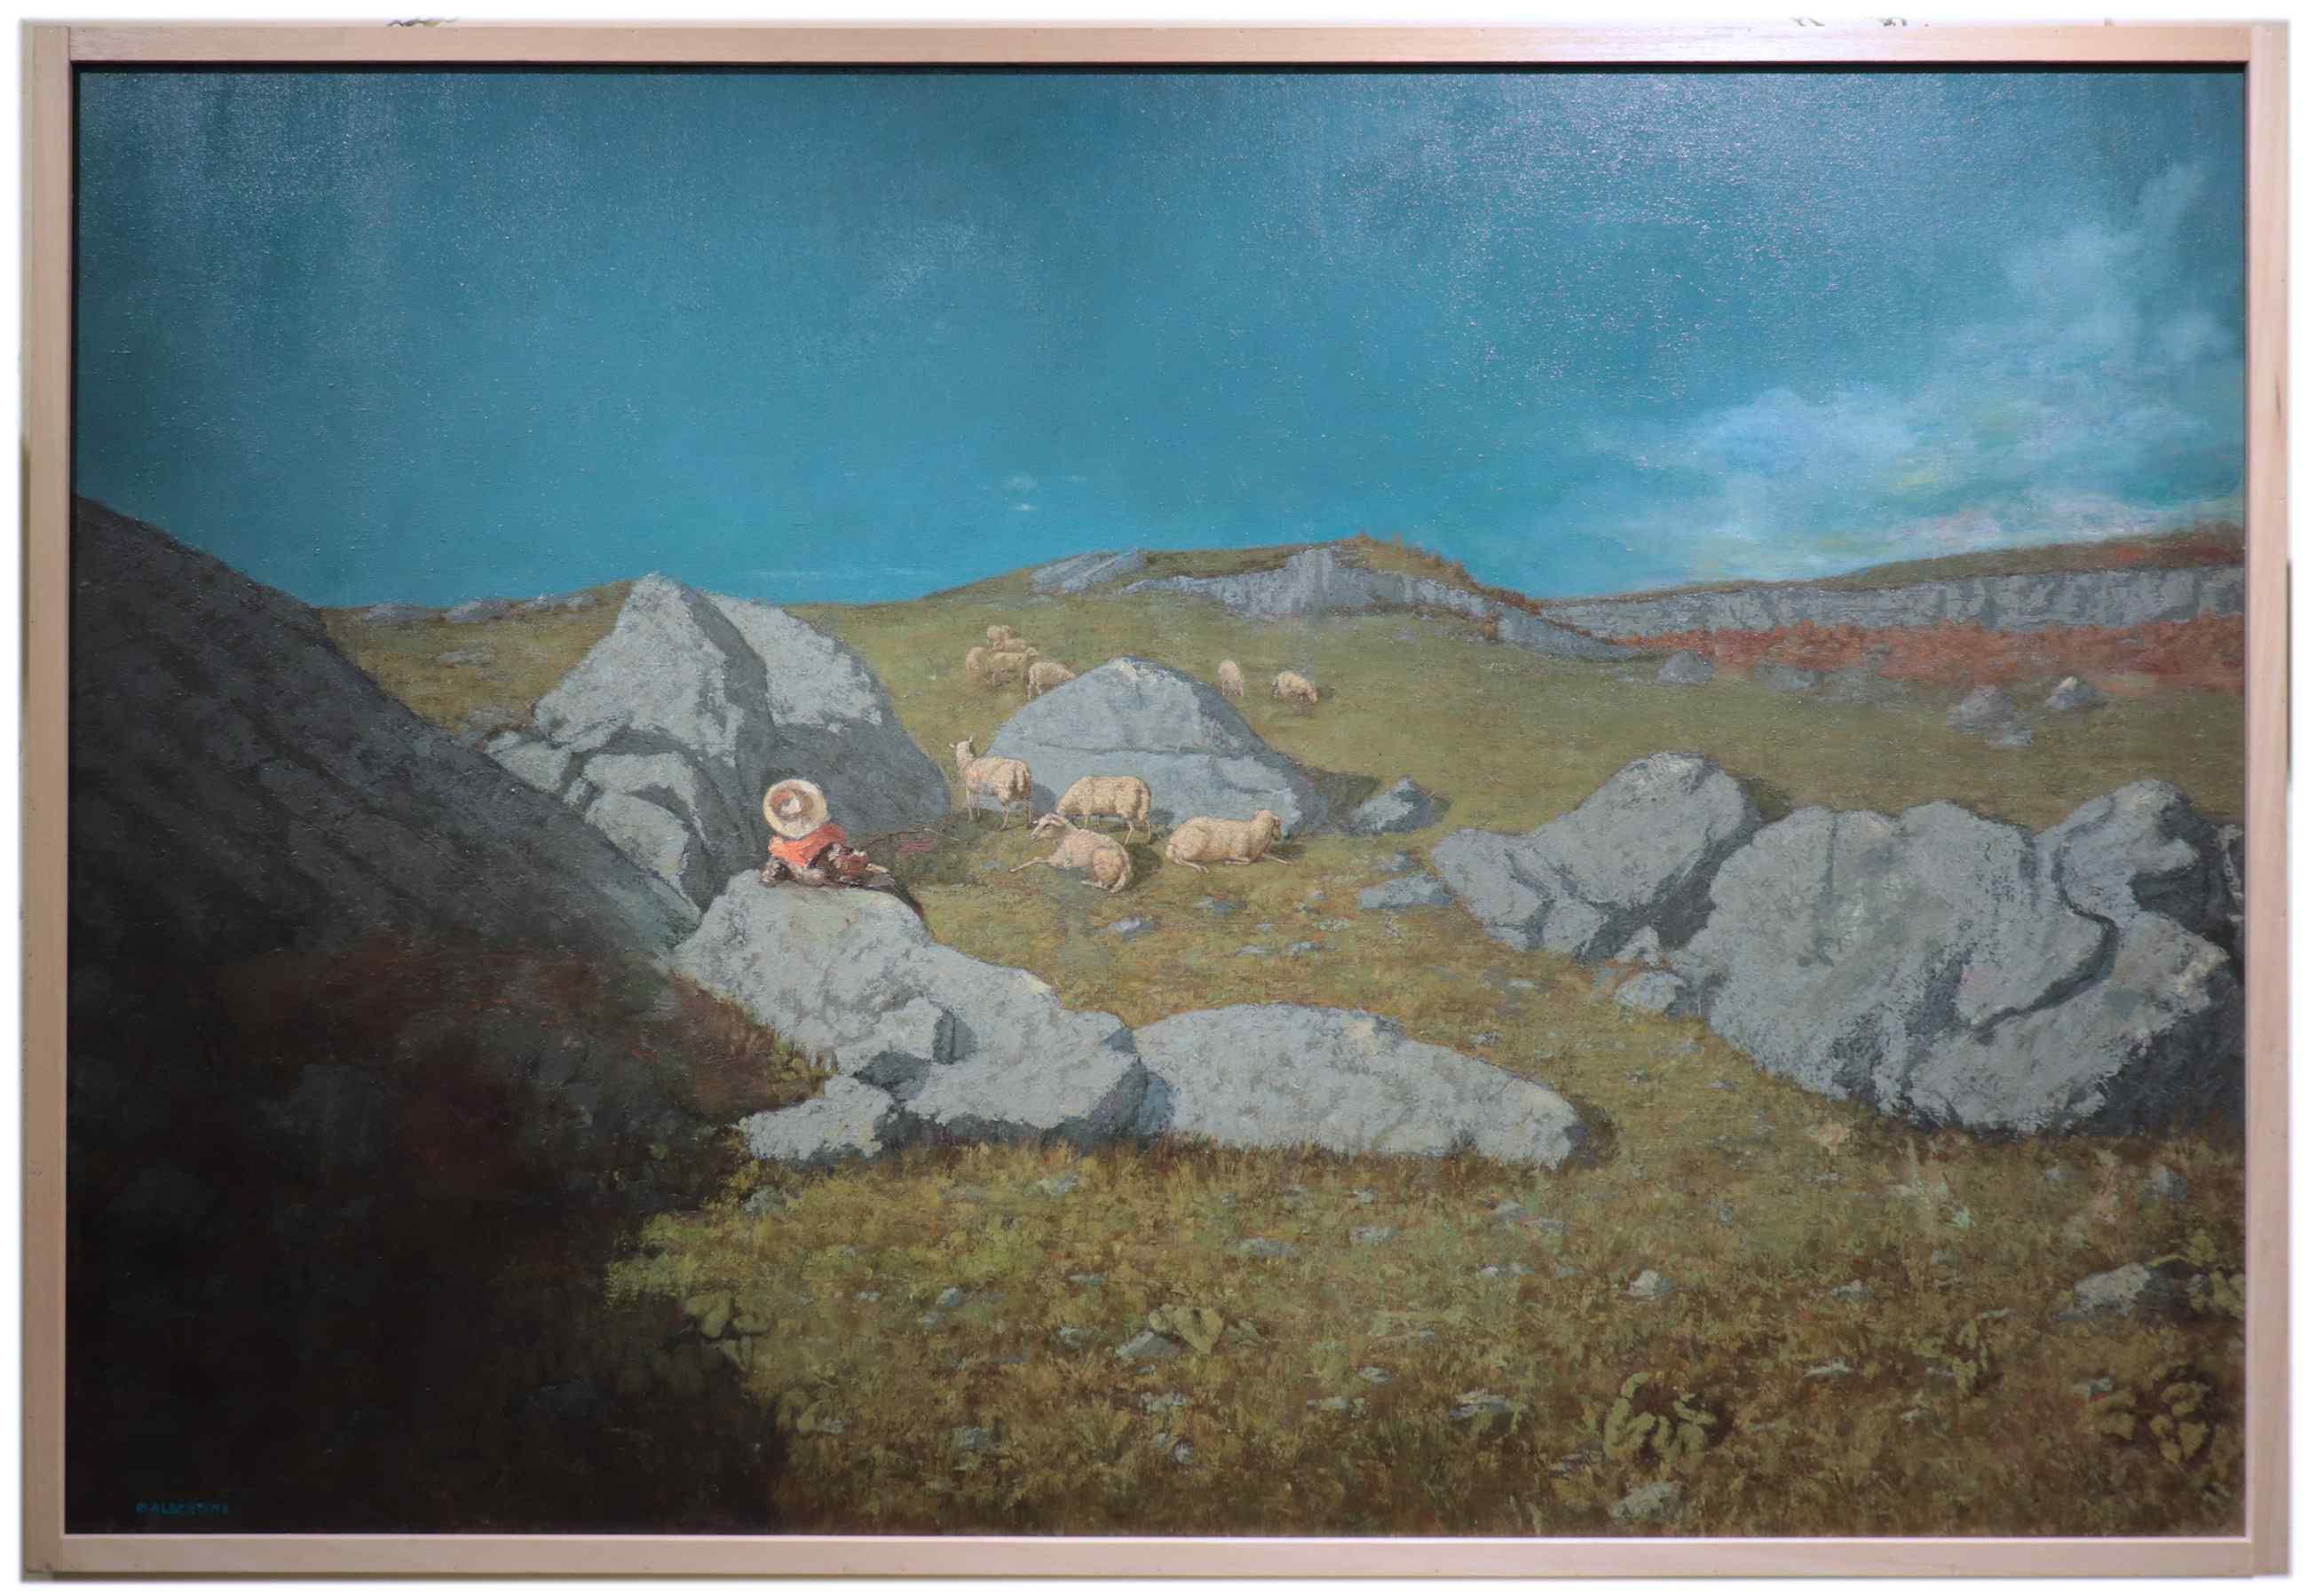 Albertini Oreste (1887-1953) - Landscape